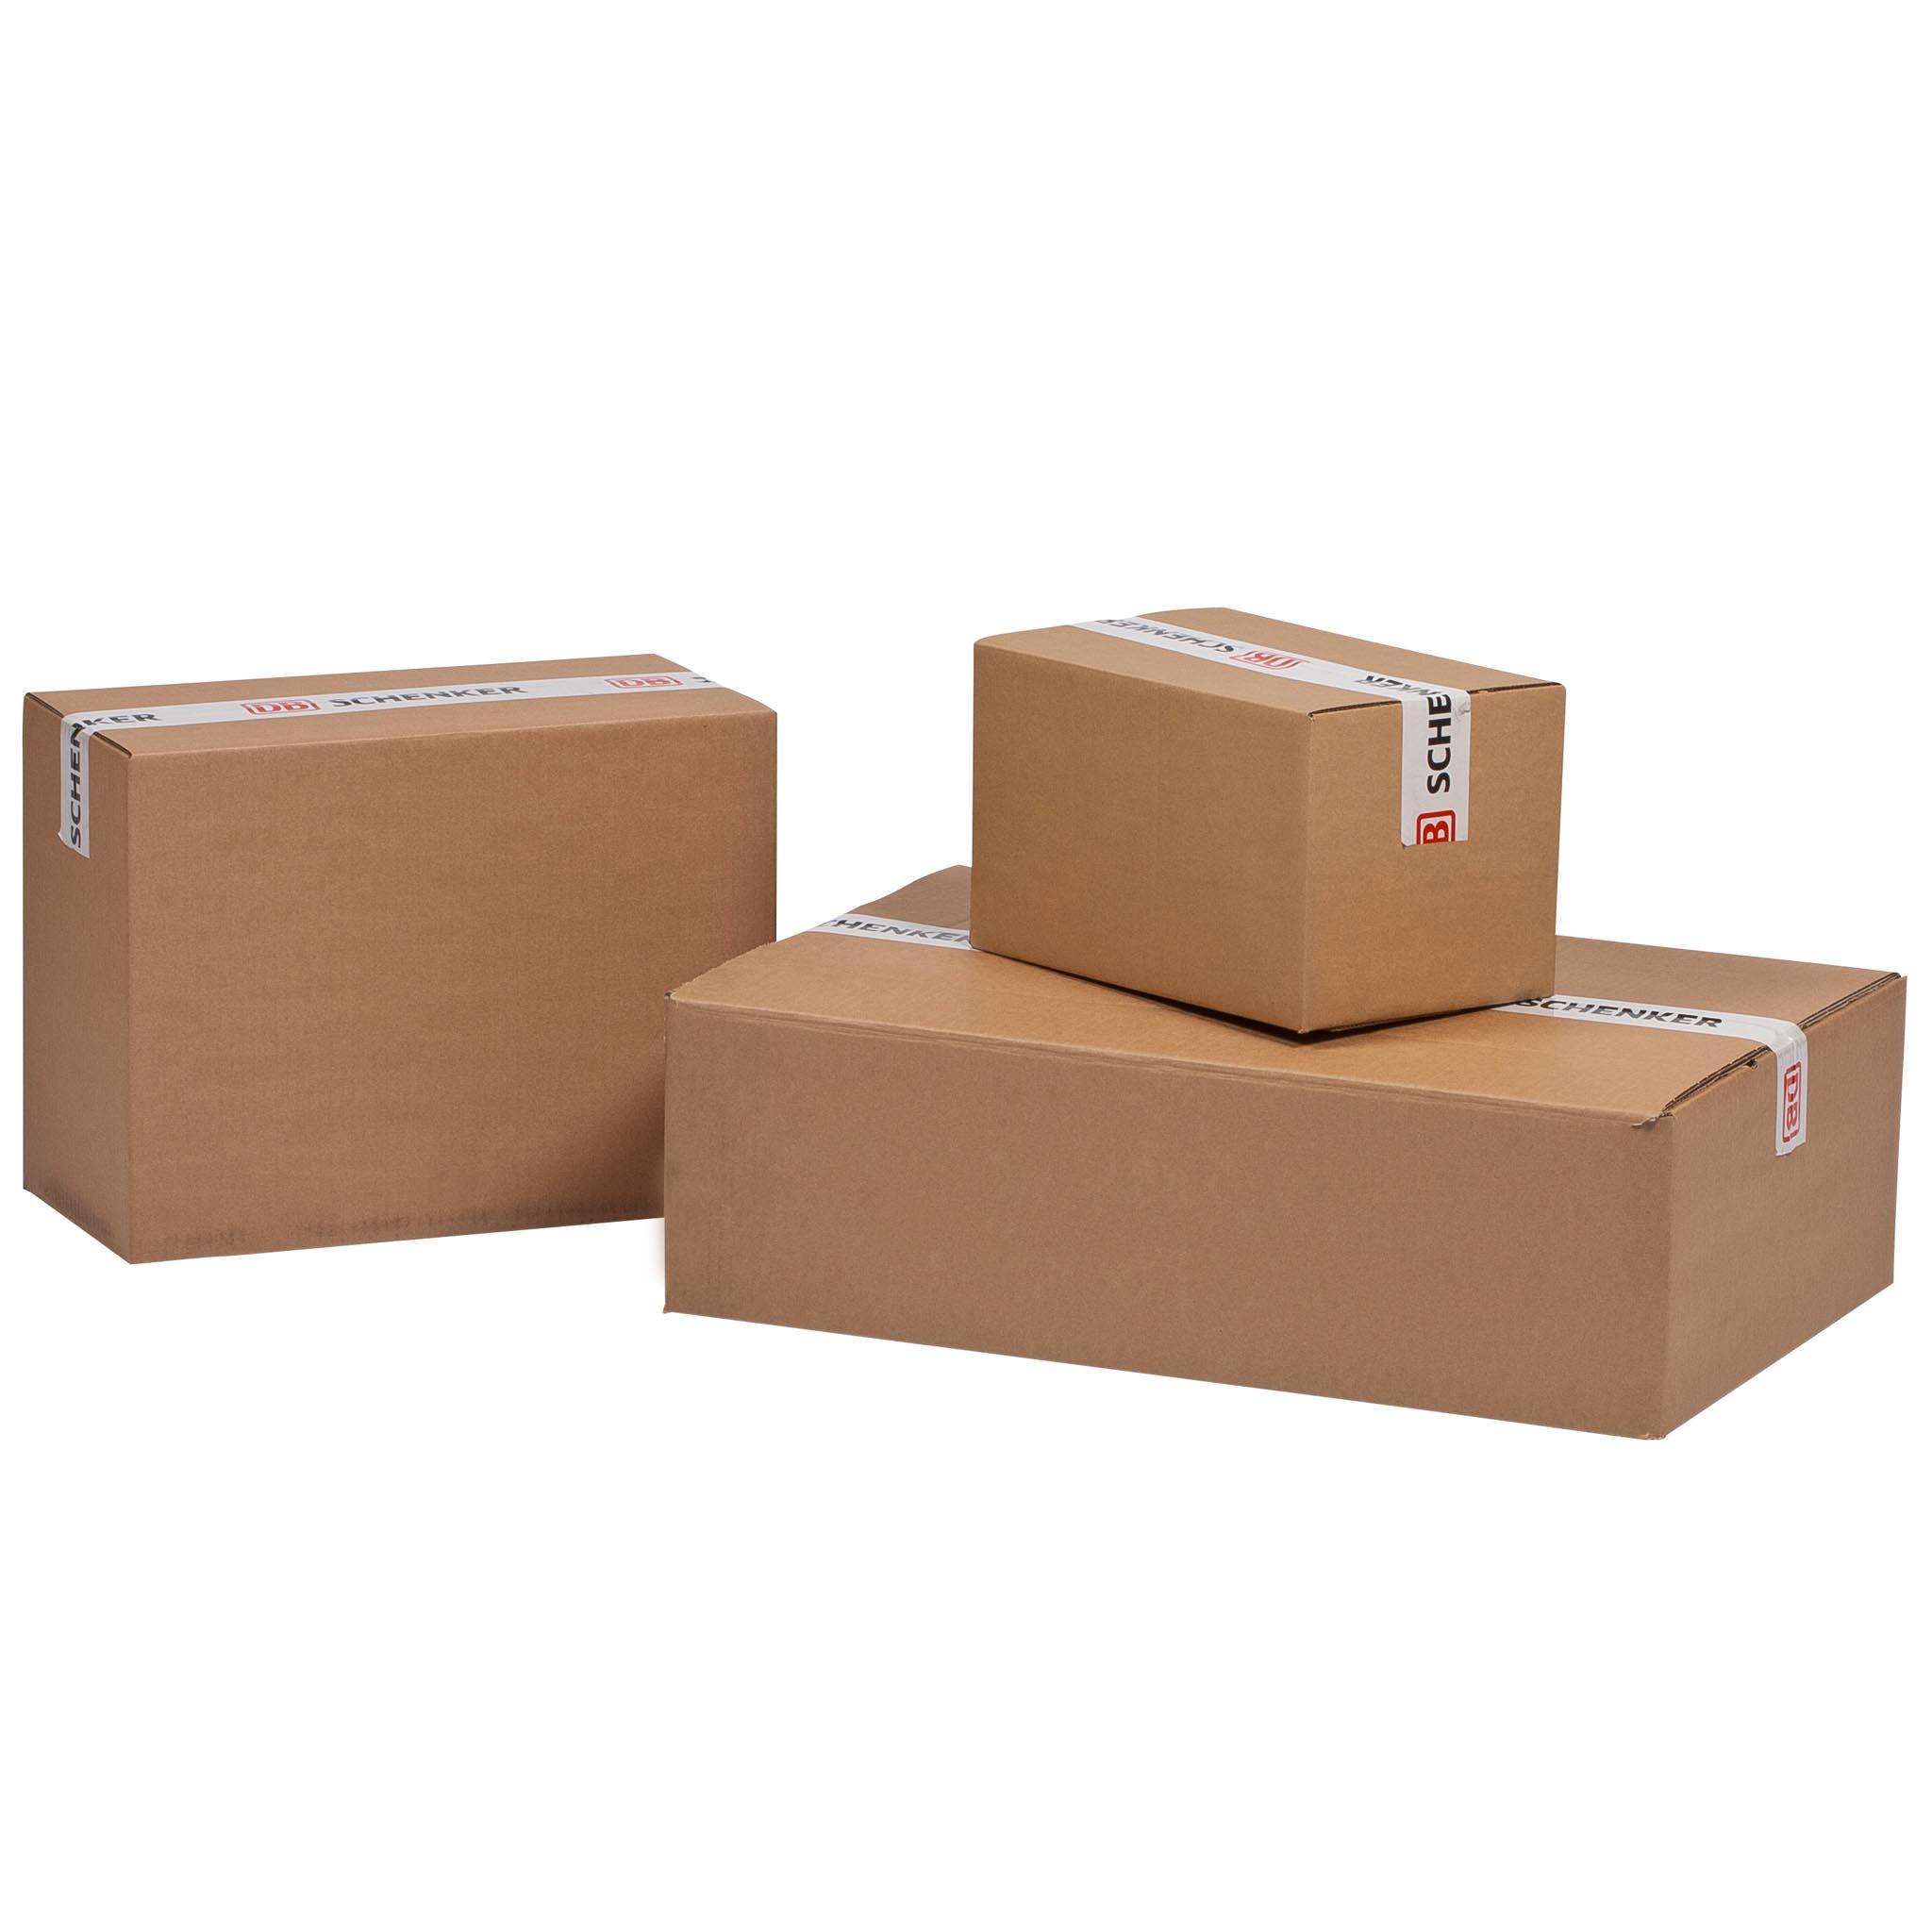 EURO-Standard-Karton | 200 X 150 mm Außenmaß 200 x 150 x 150 mm